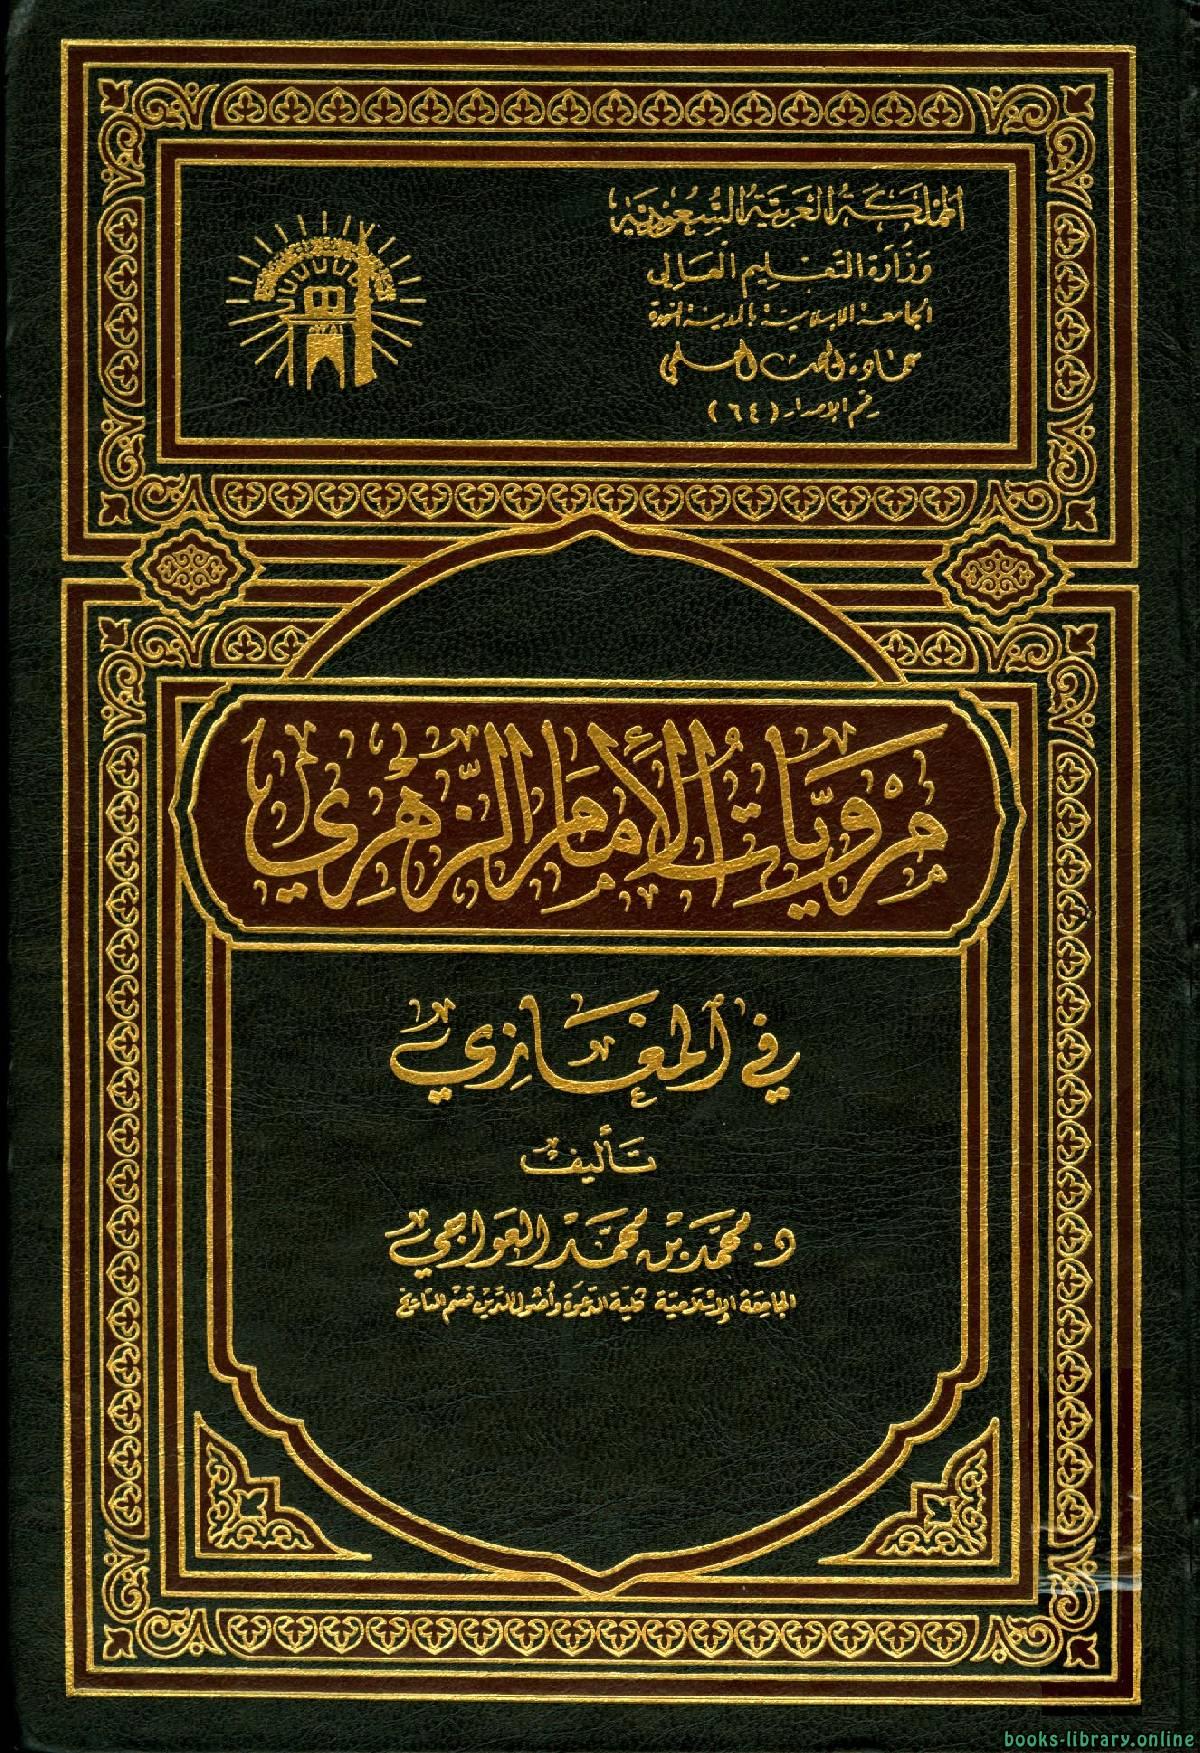 كتاب  مرويات الإمام الزهري في المغازي